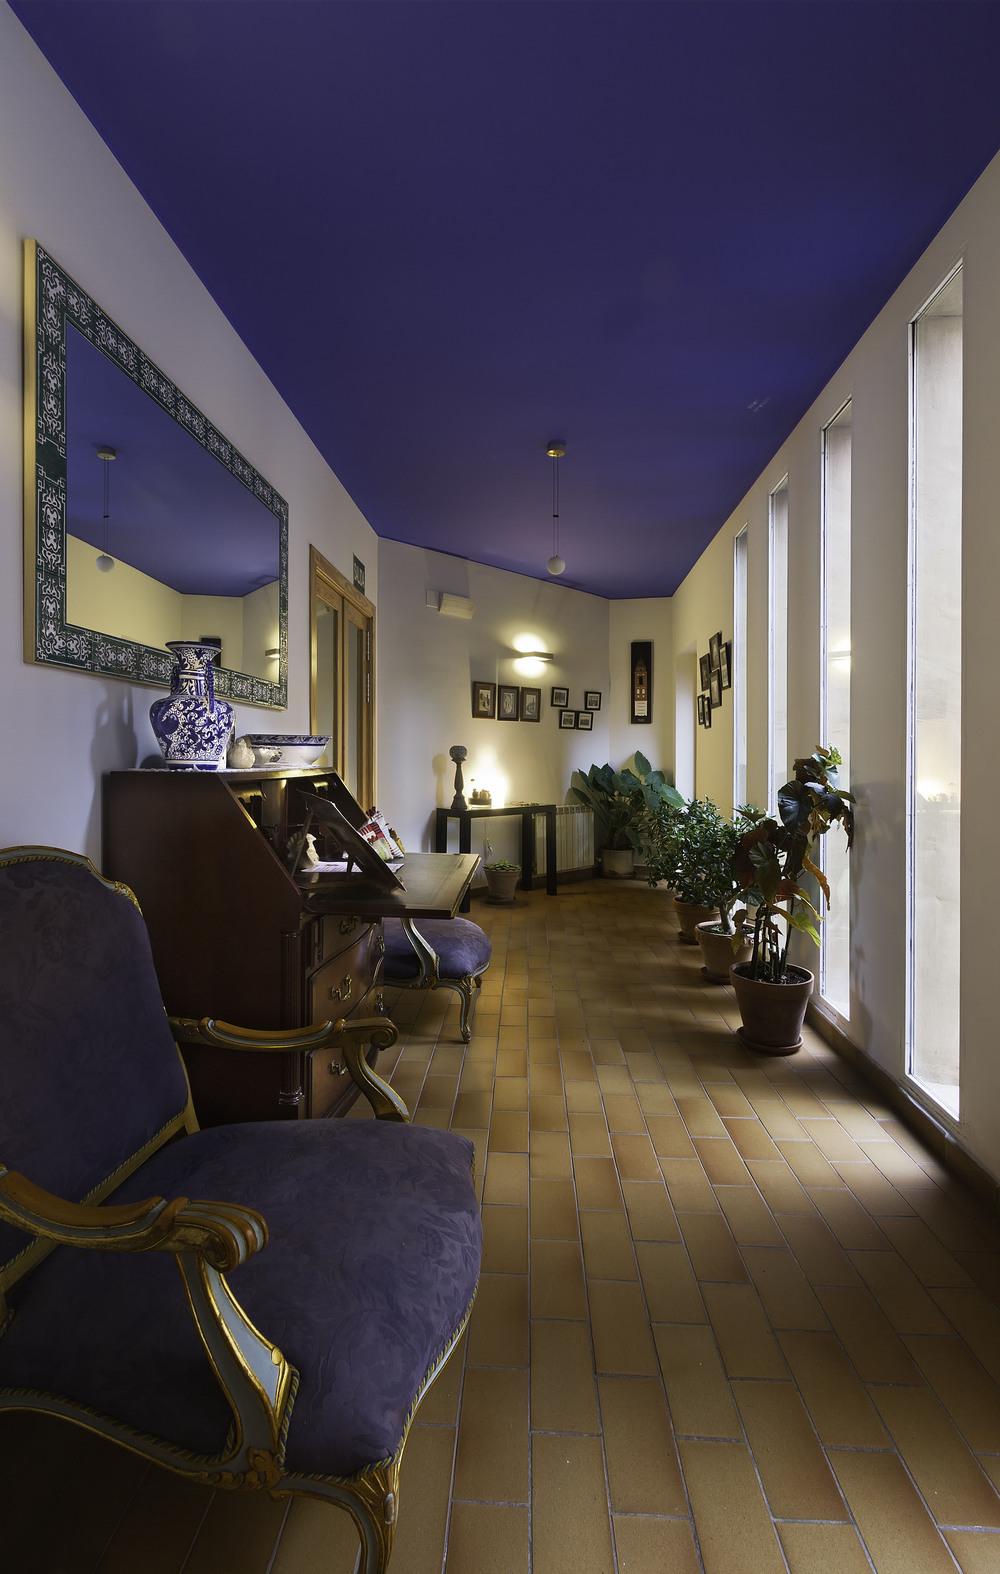 hotel-castillo-de-ateca